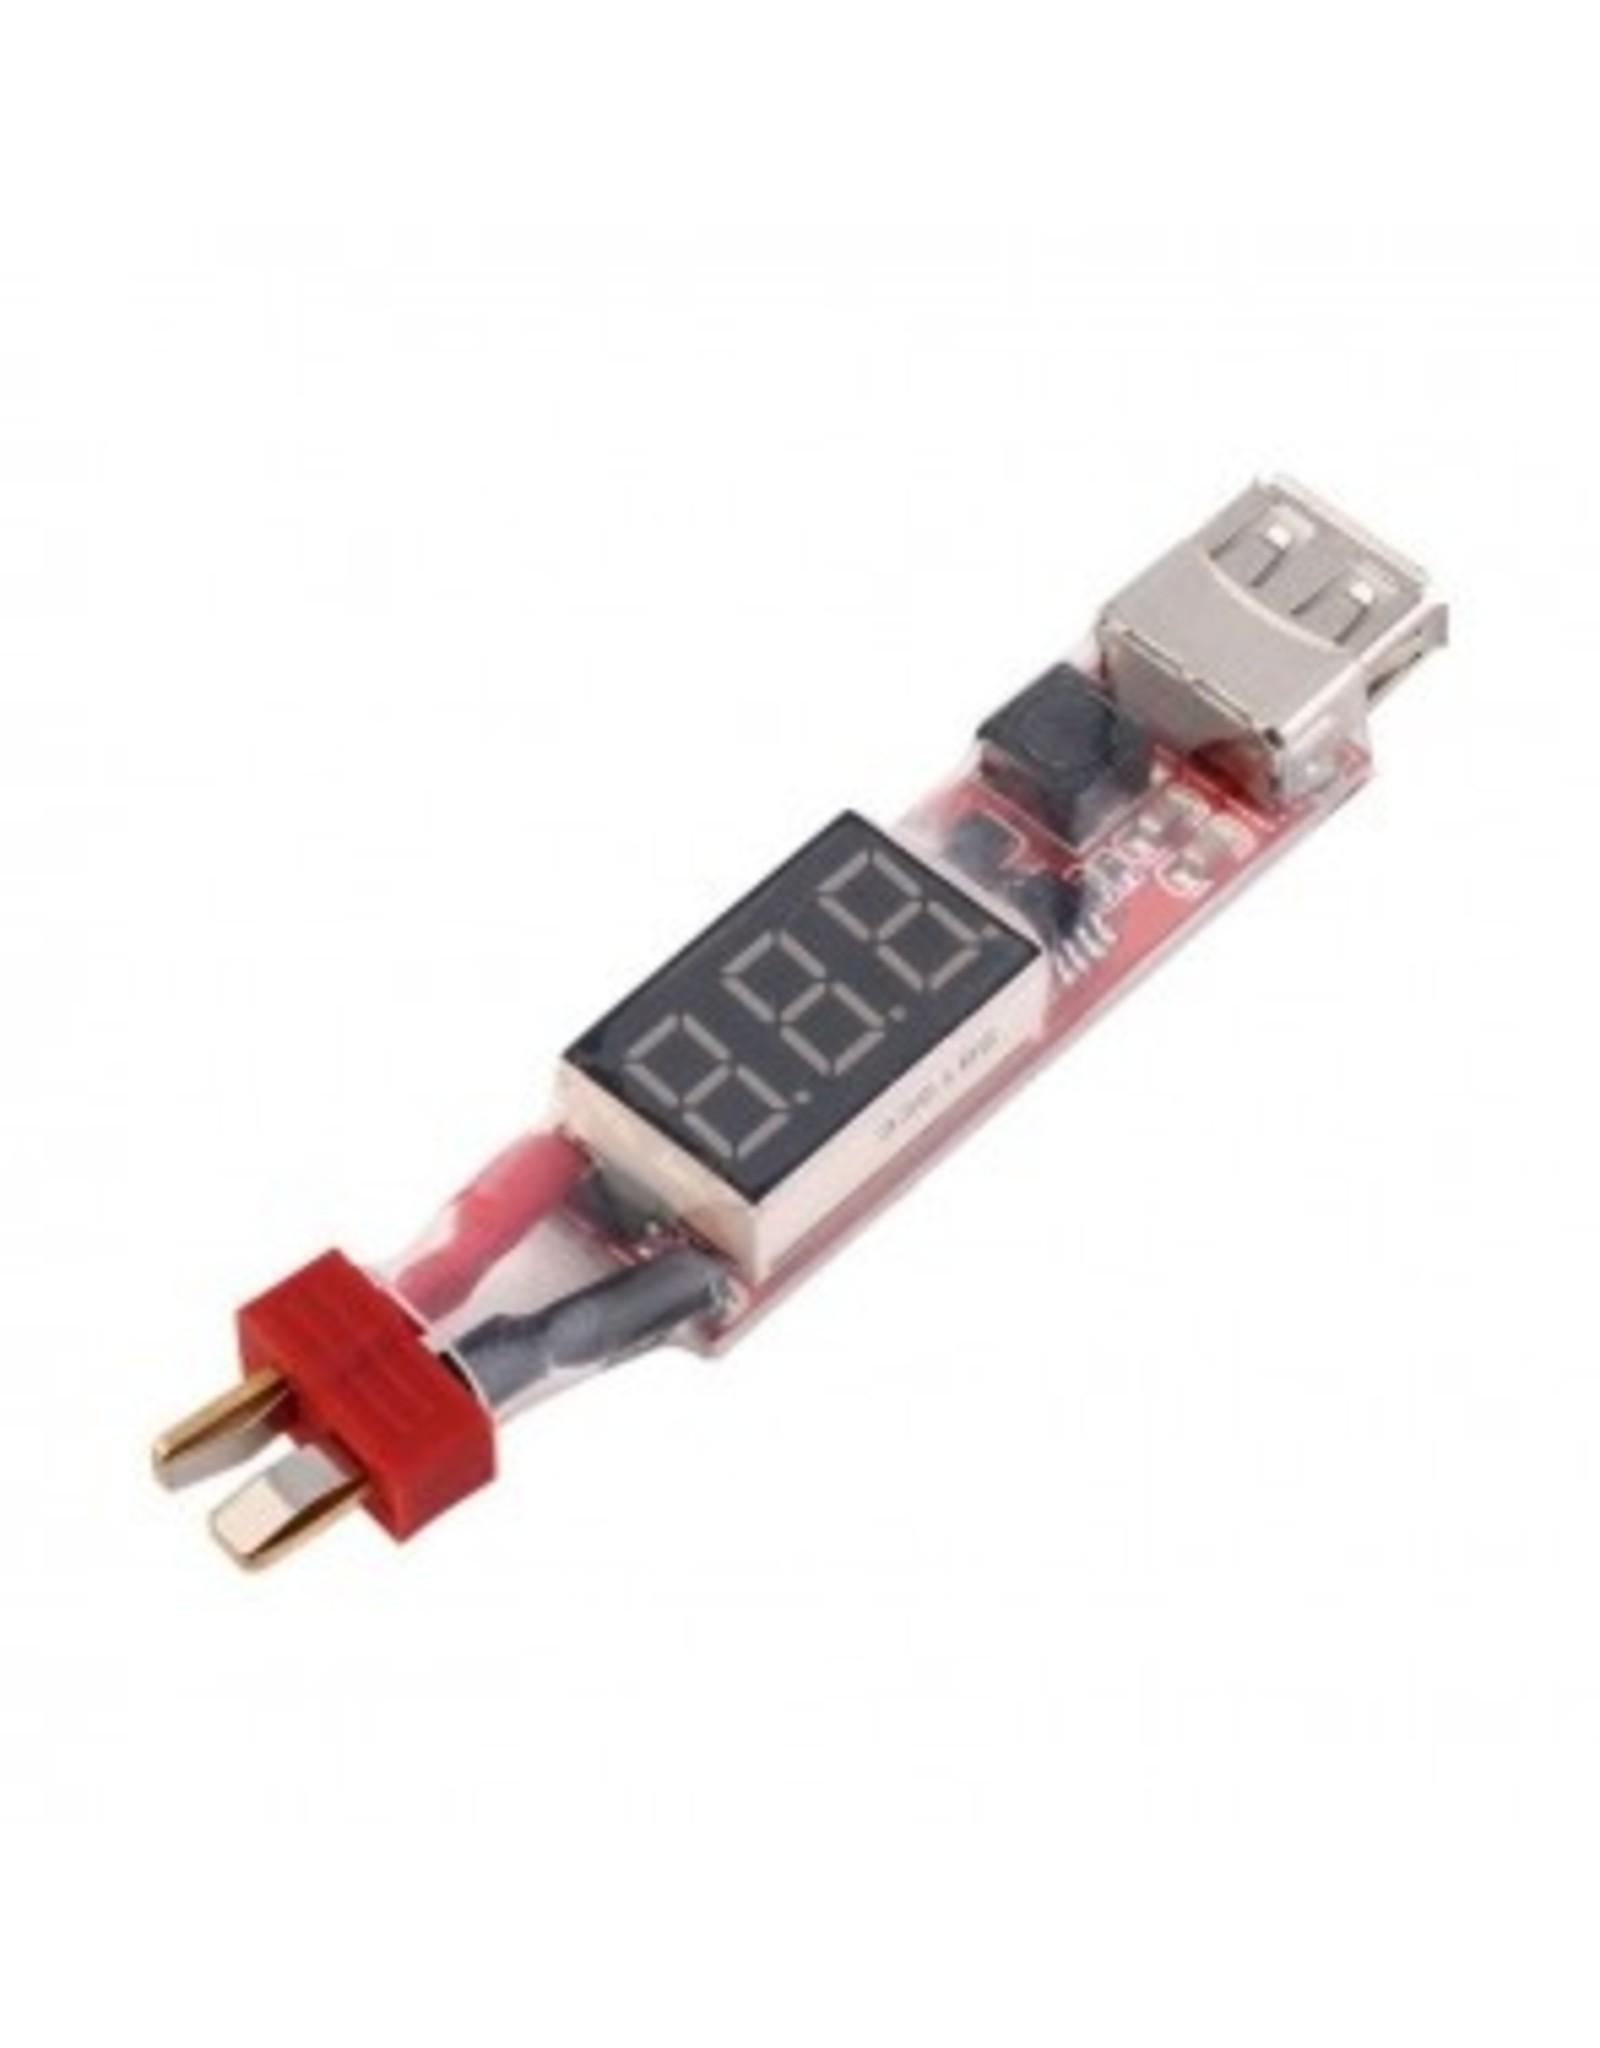 HobbyStar HOBBYSTAR LIPO TO USB POWER CONVERTER, DEAN'S  (420-19-053)